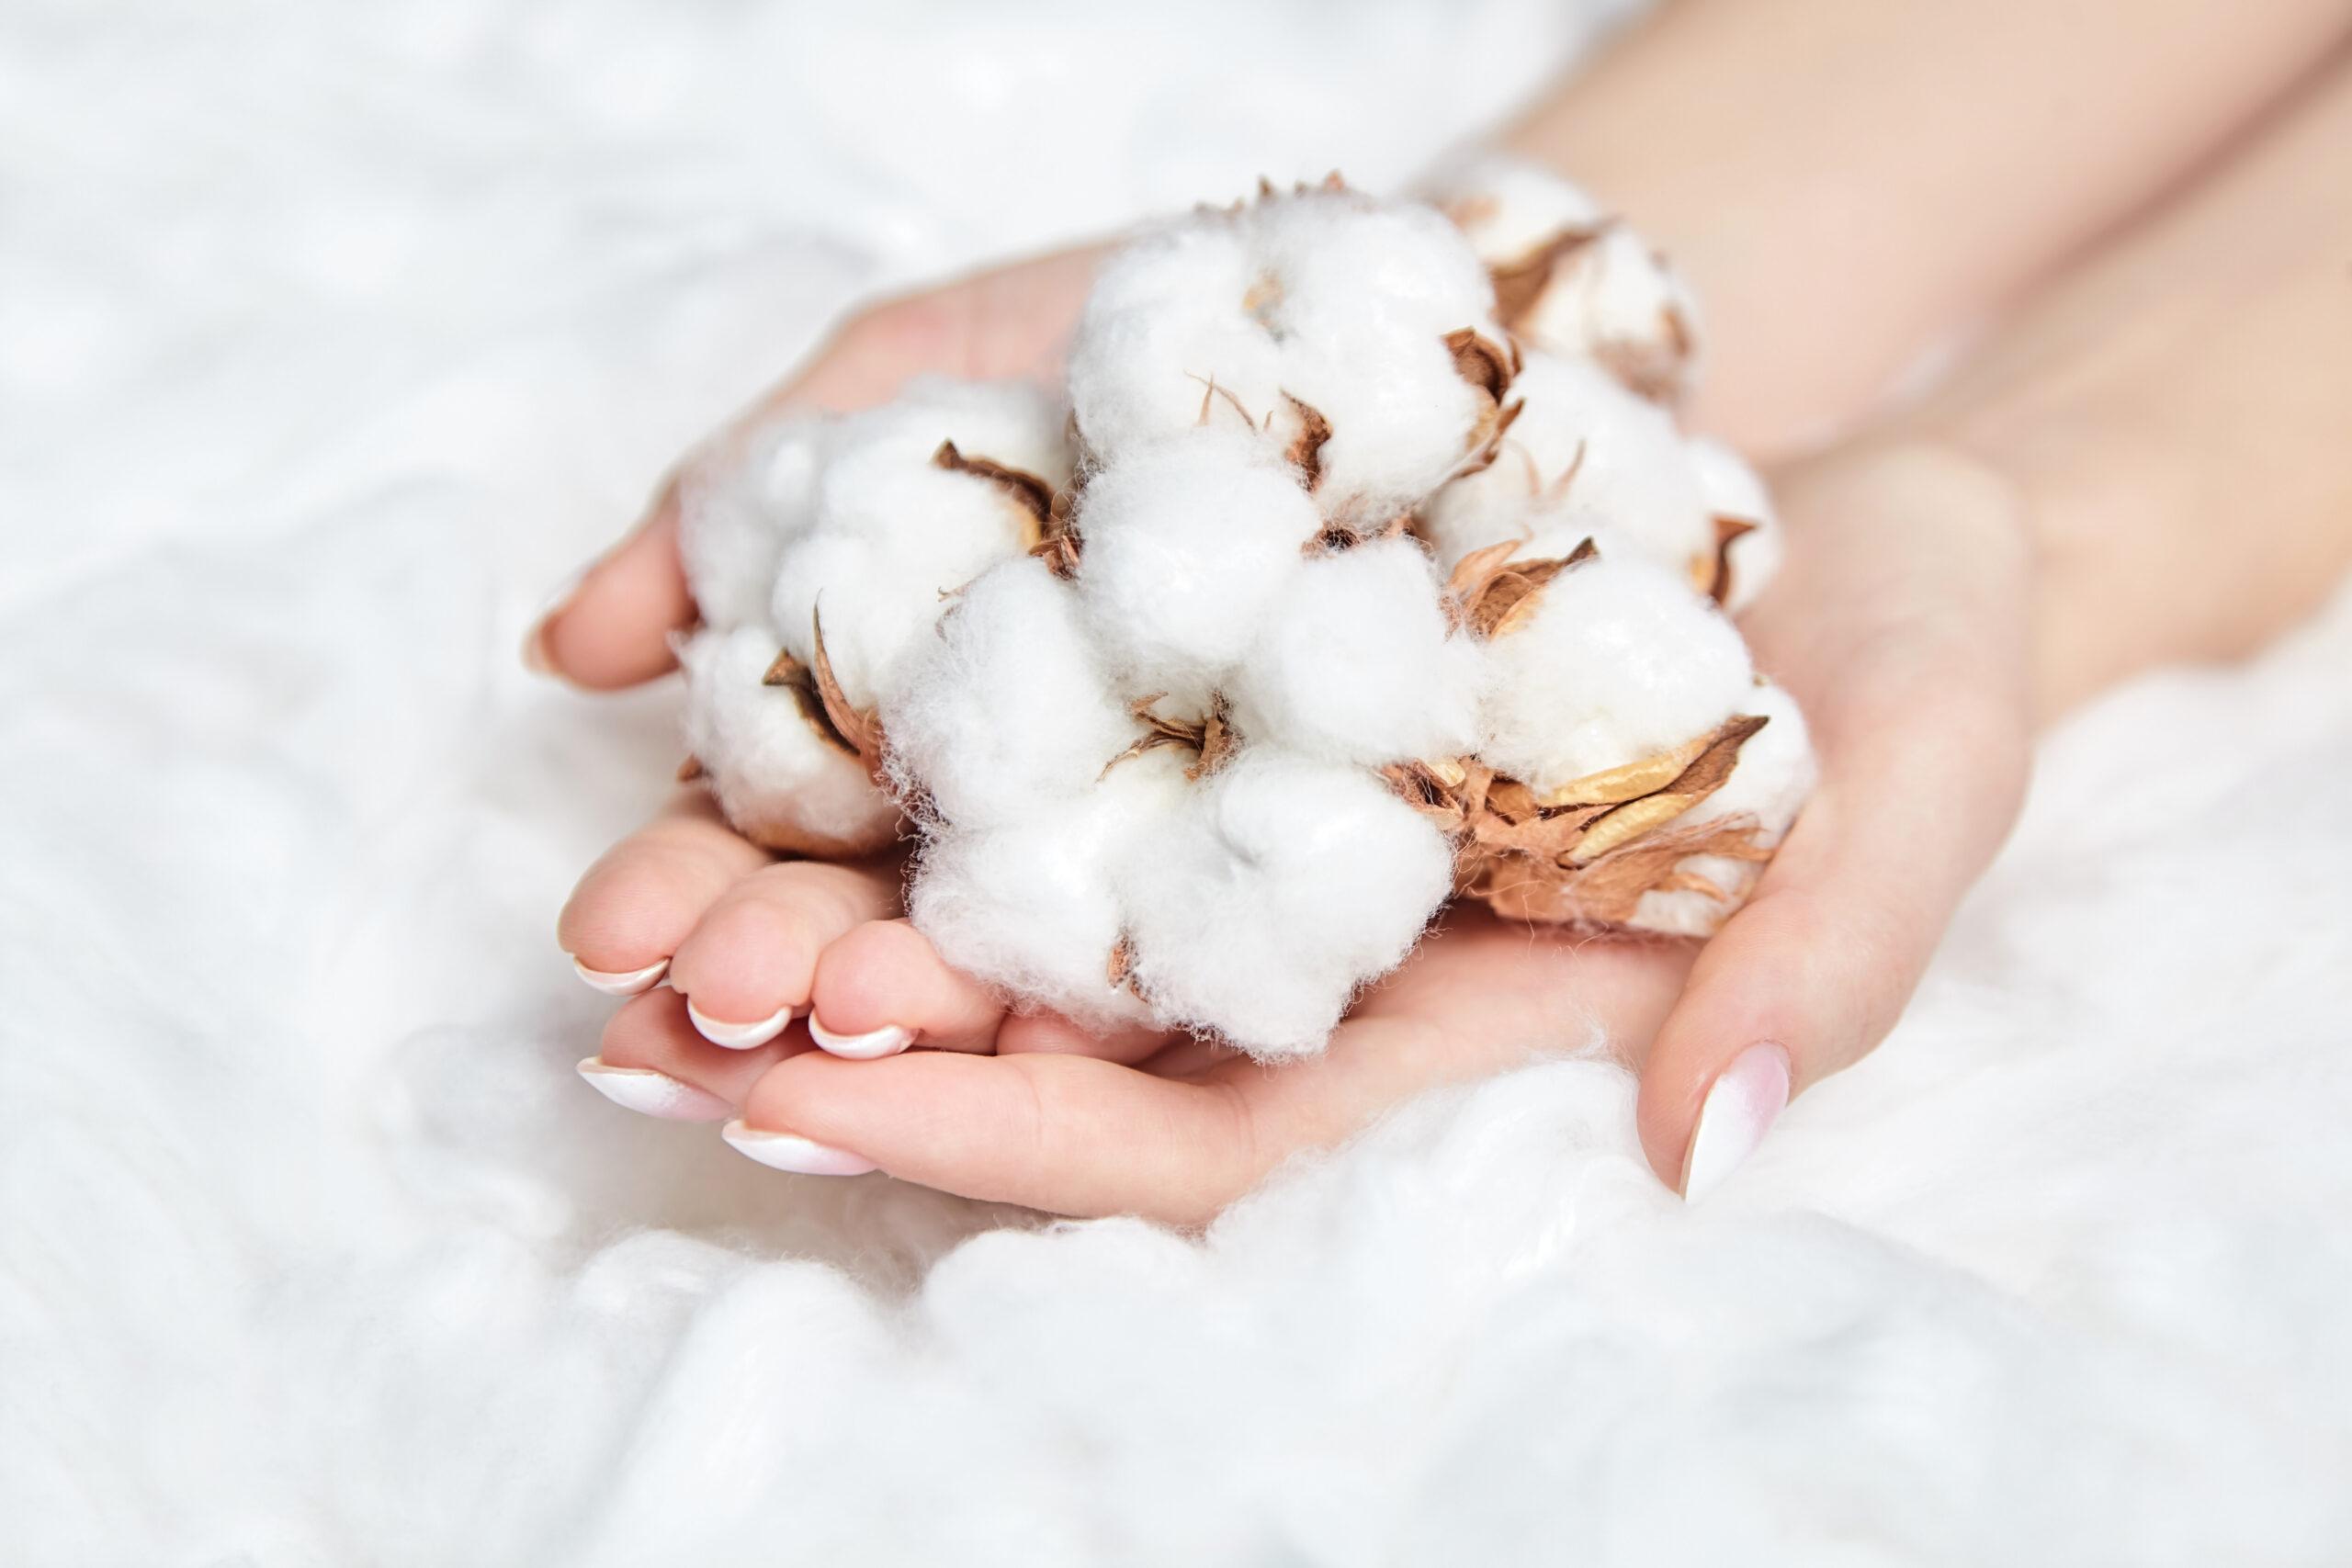 海外の綿花日本製ではなくても、日本製と同等の製品が作れます